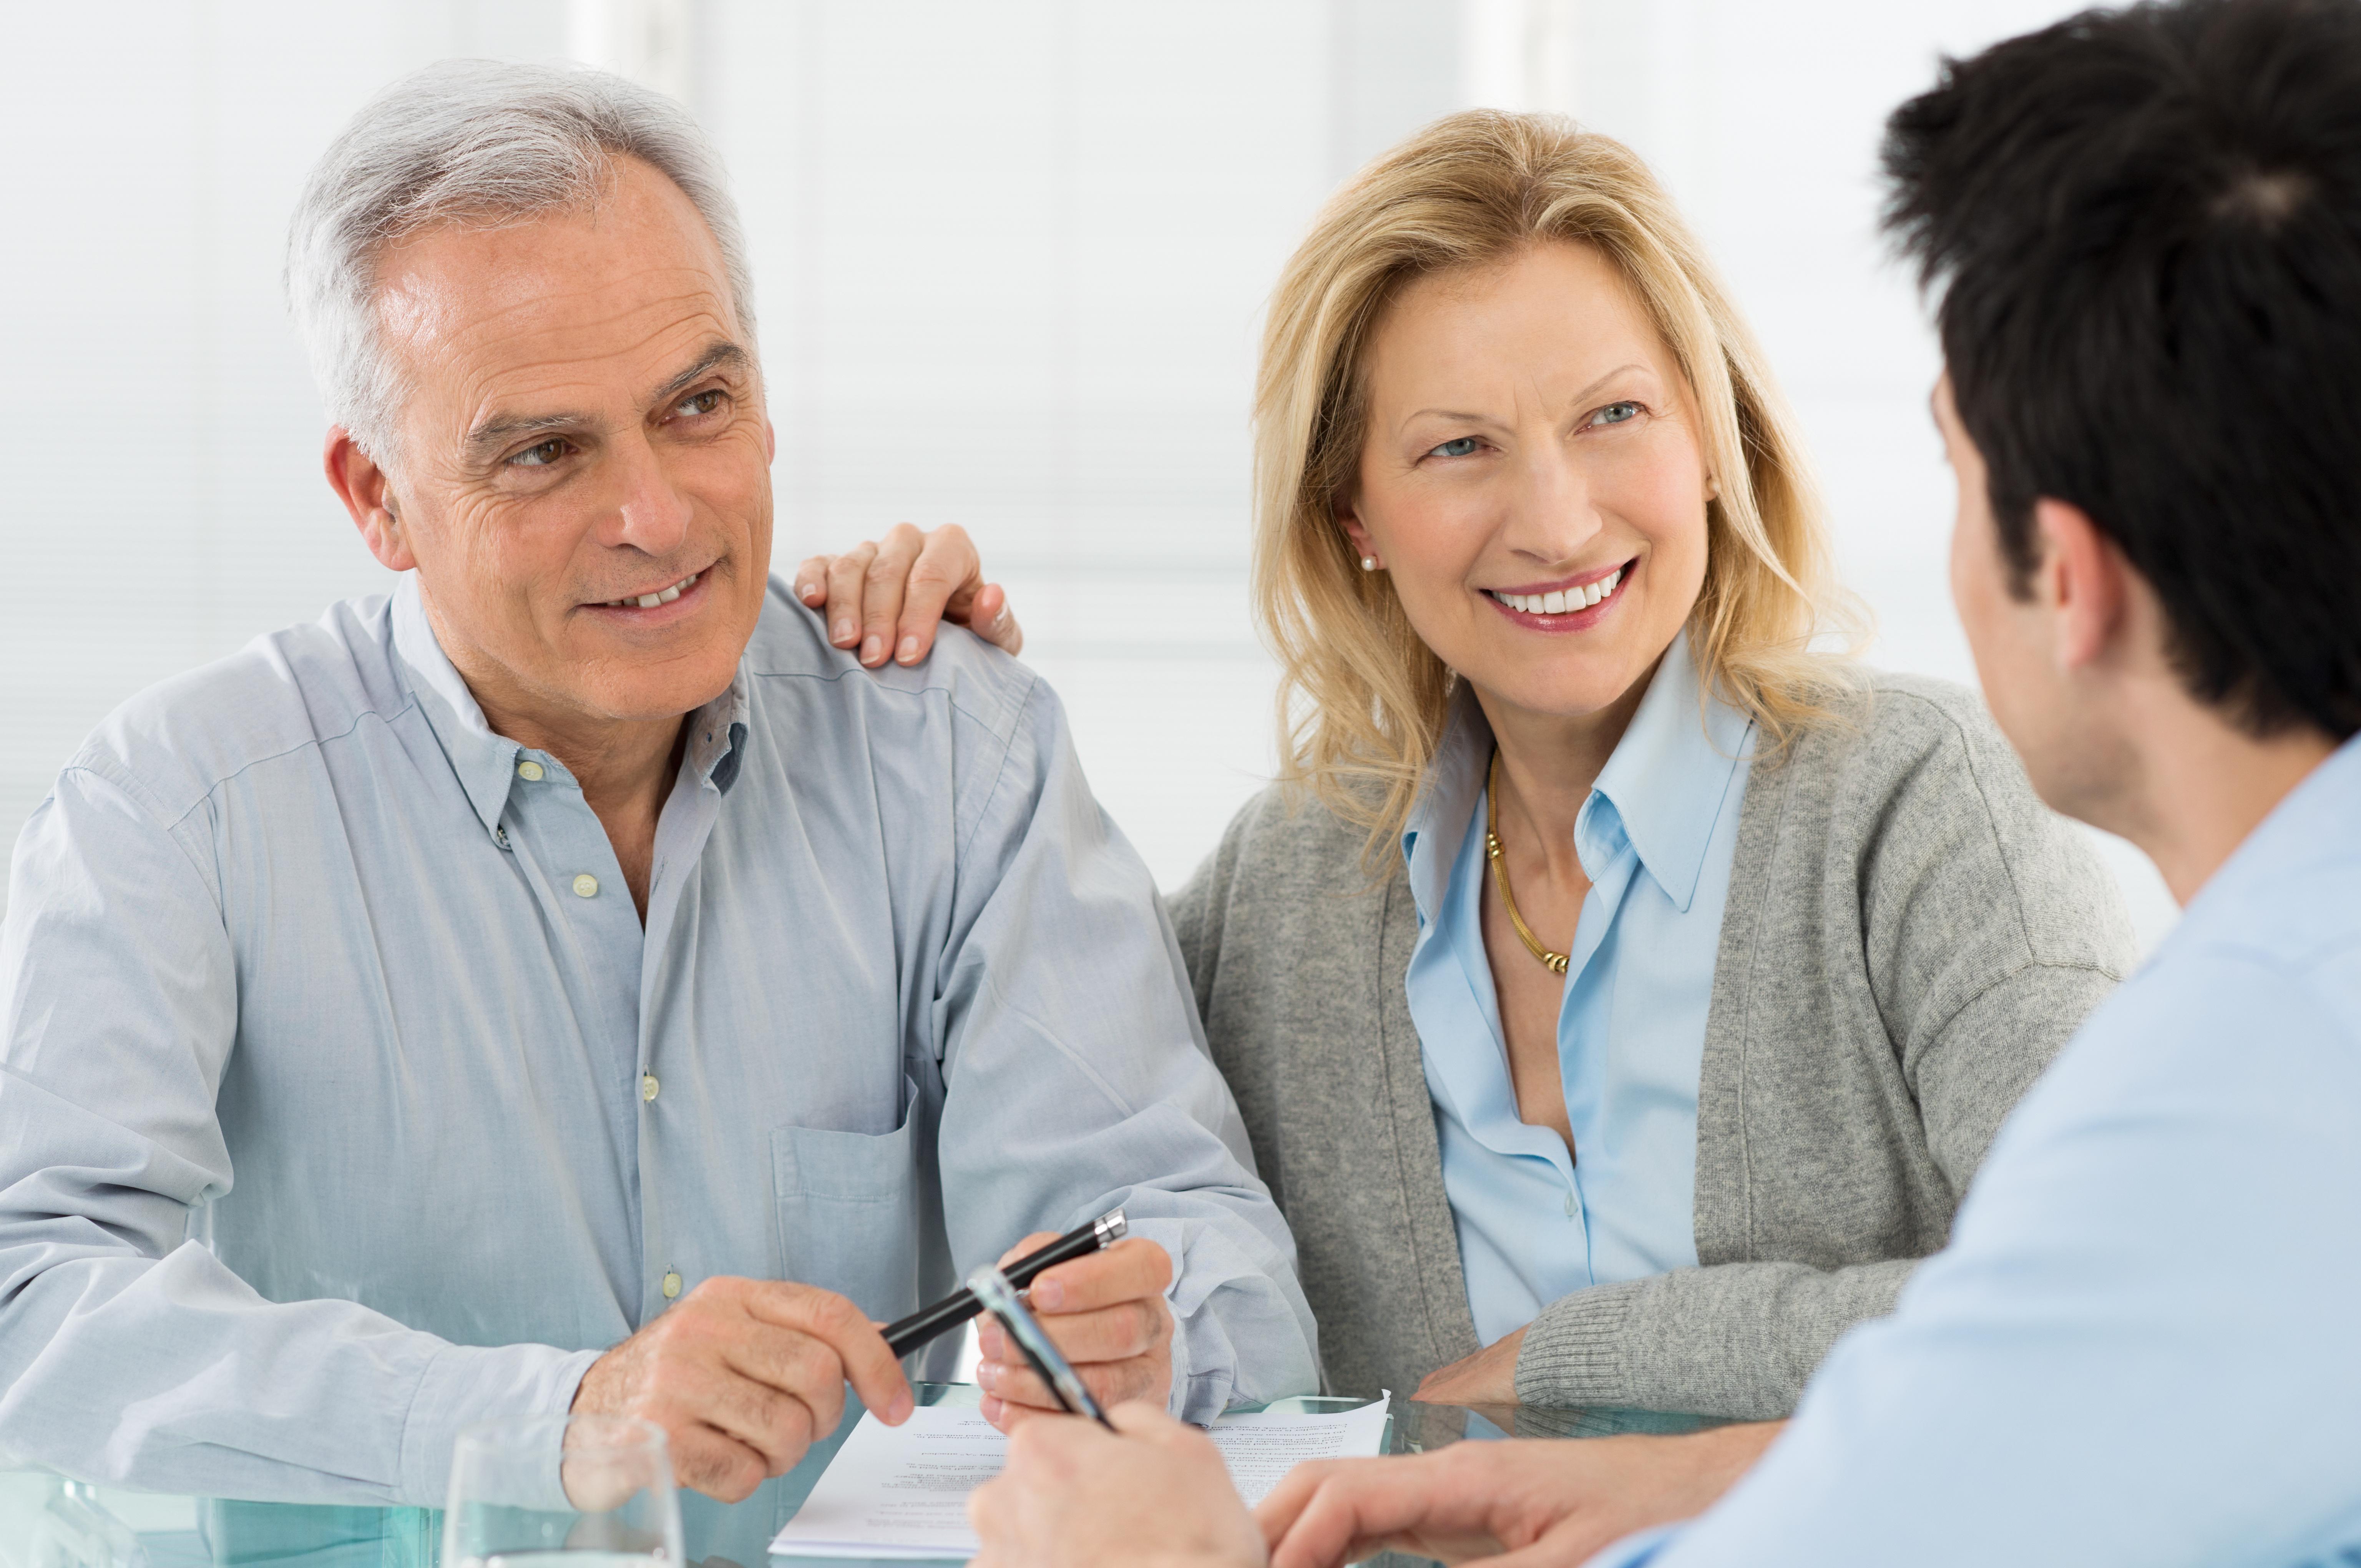 Ein schick gekleidetes älteres Paar blickt lächelnd zu einem Mann in Businesskleidung